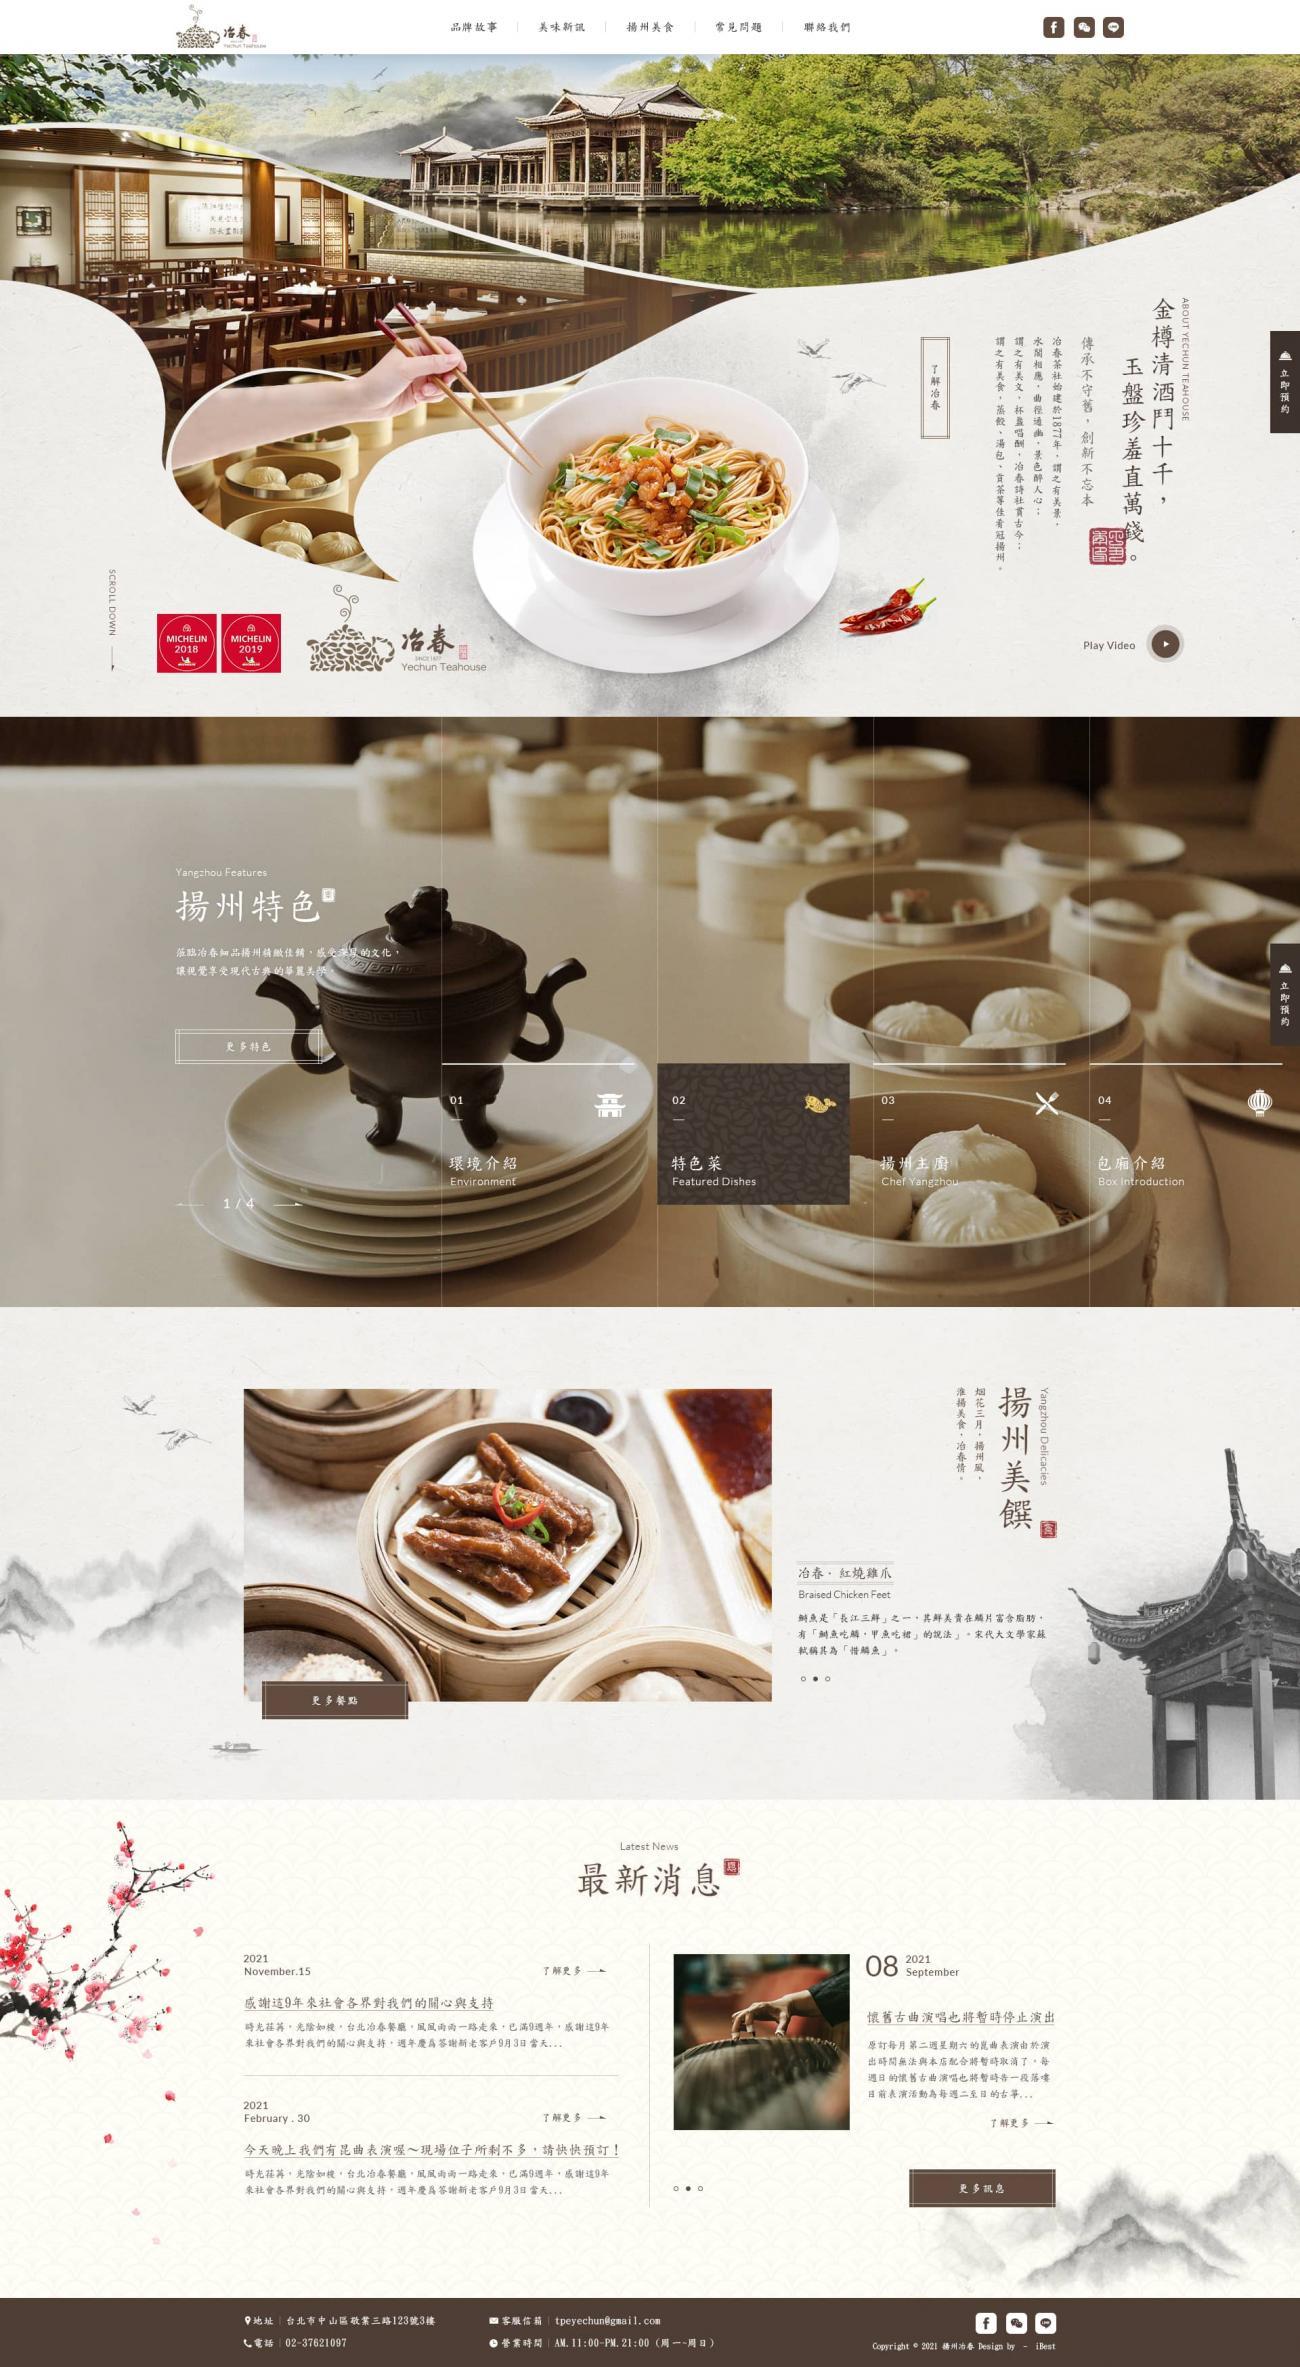 揚州冶春-網頁設計